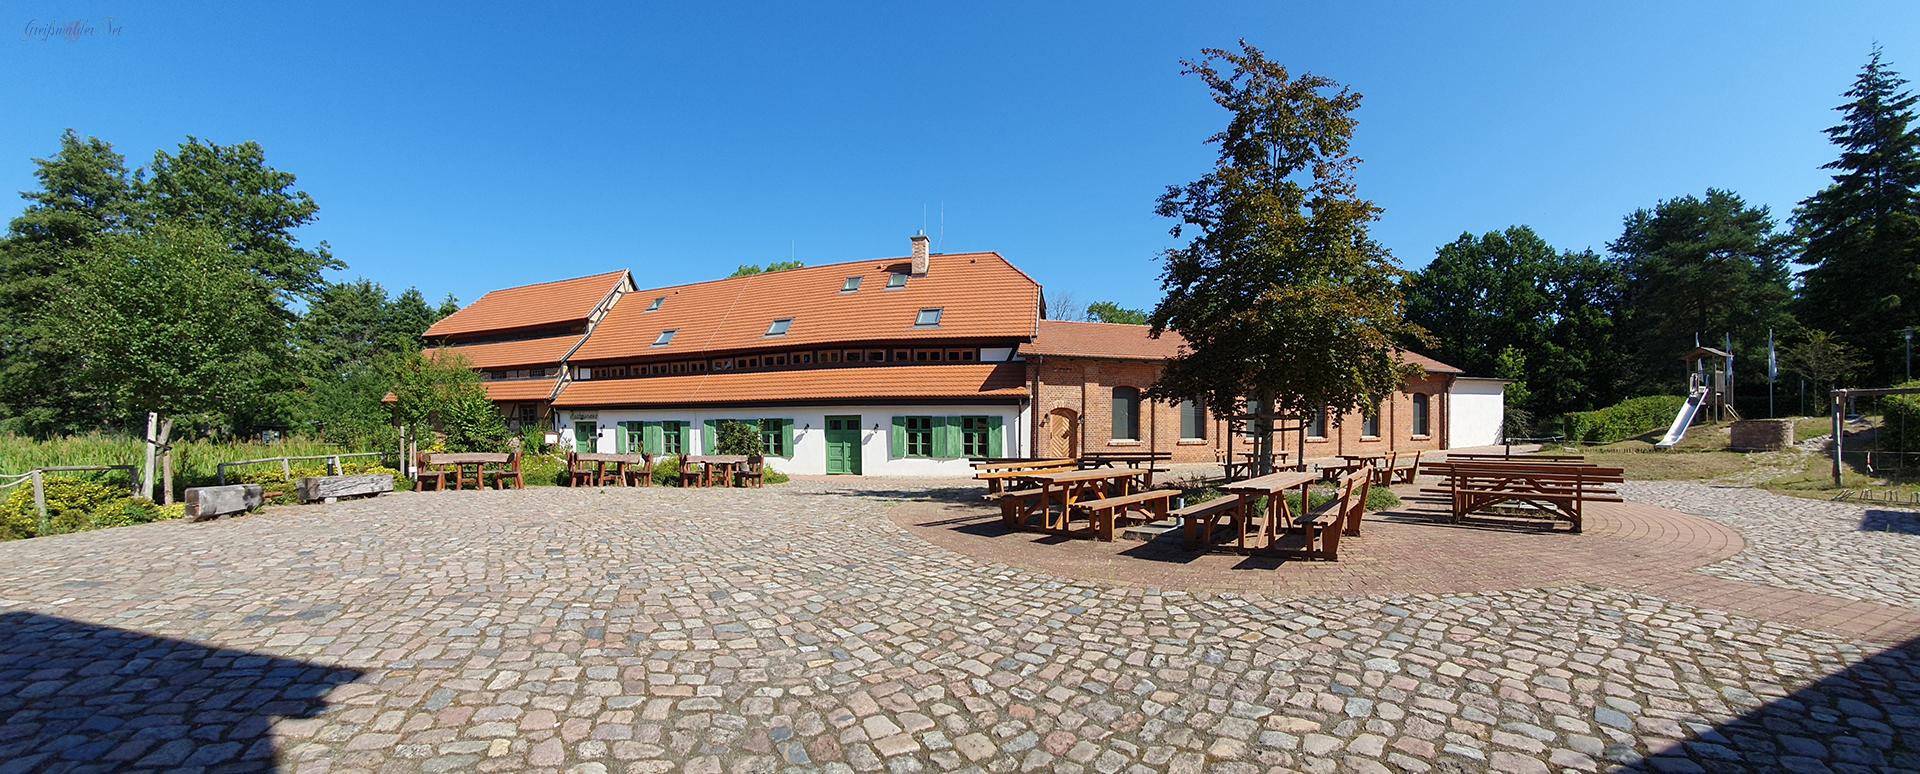 Wassermühle Hanshagen